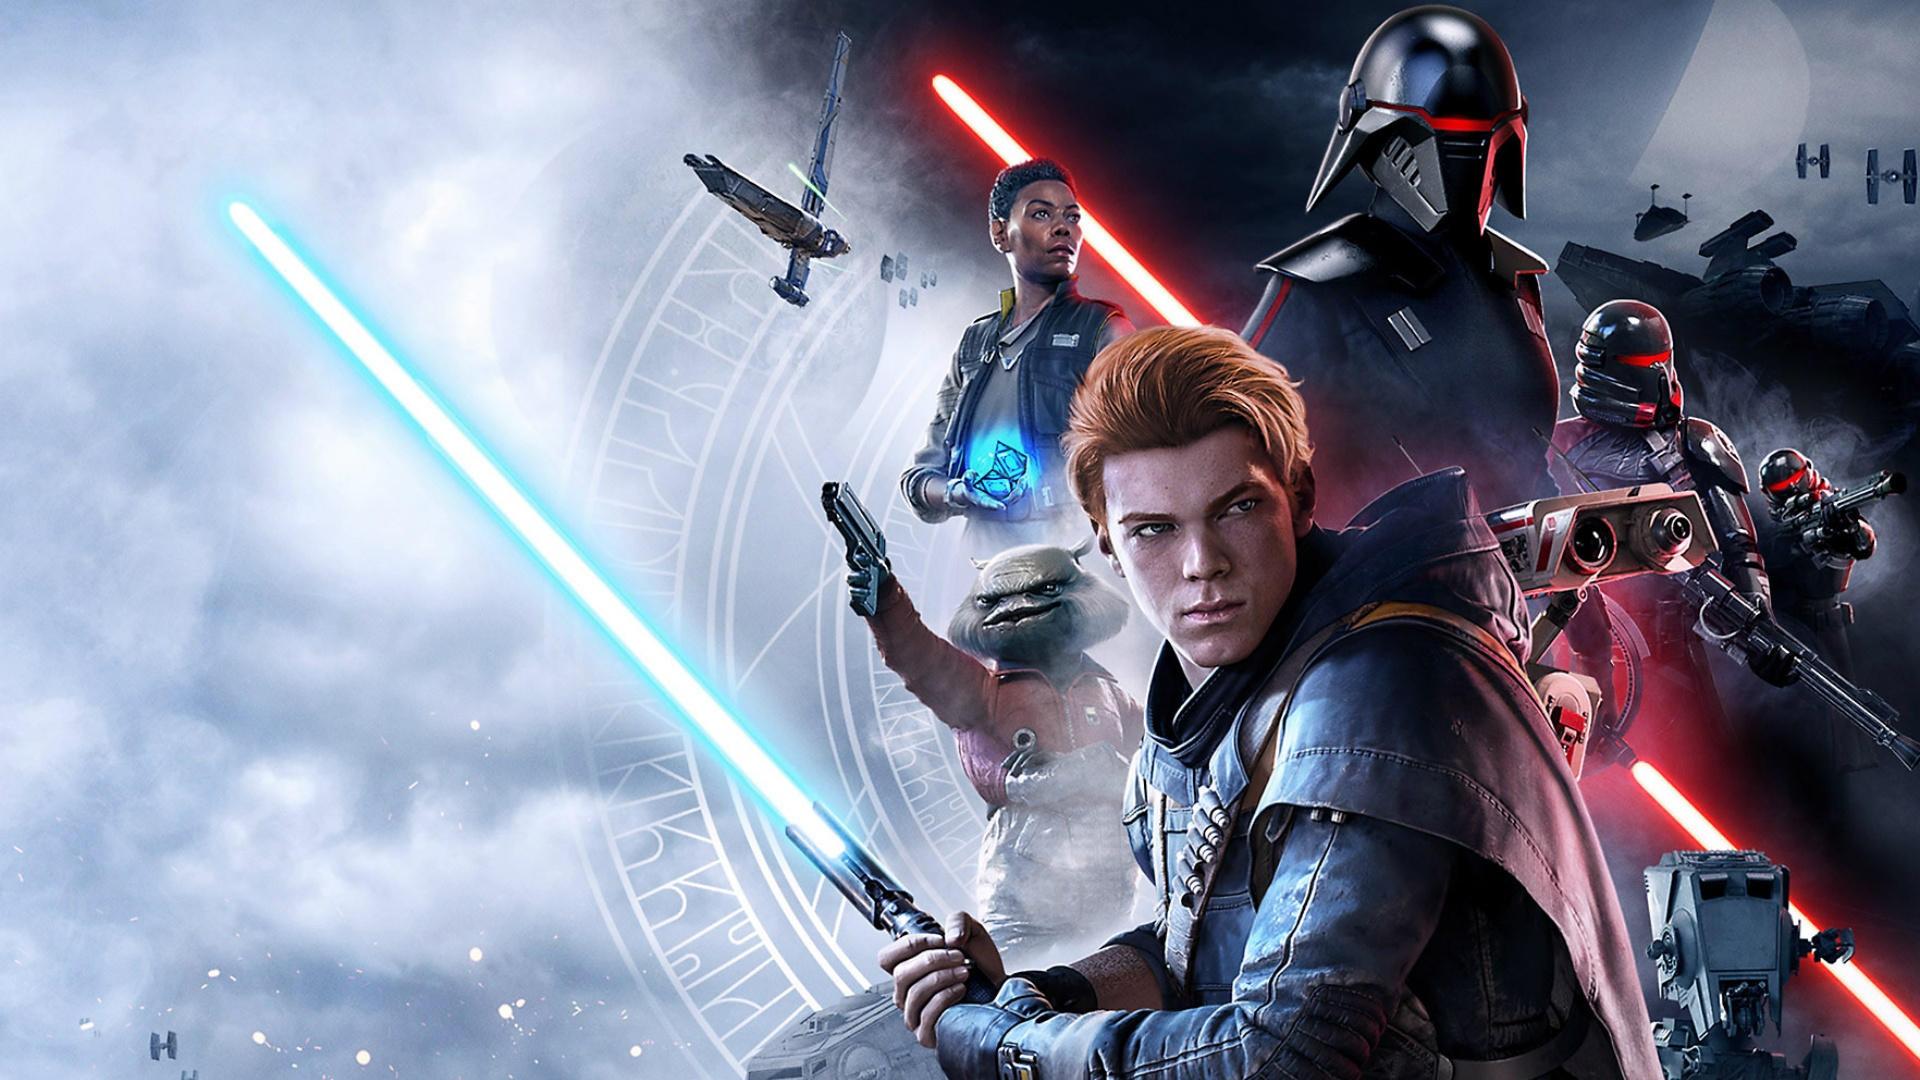 Студия Respawn сообщила, что в Star Wars Jedi Fallen Order сыграло более 20 миллионов игроков с релиза (сюда входят и игроки с подпиской)